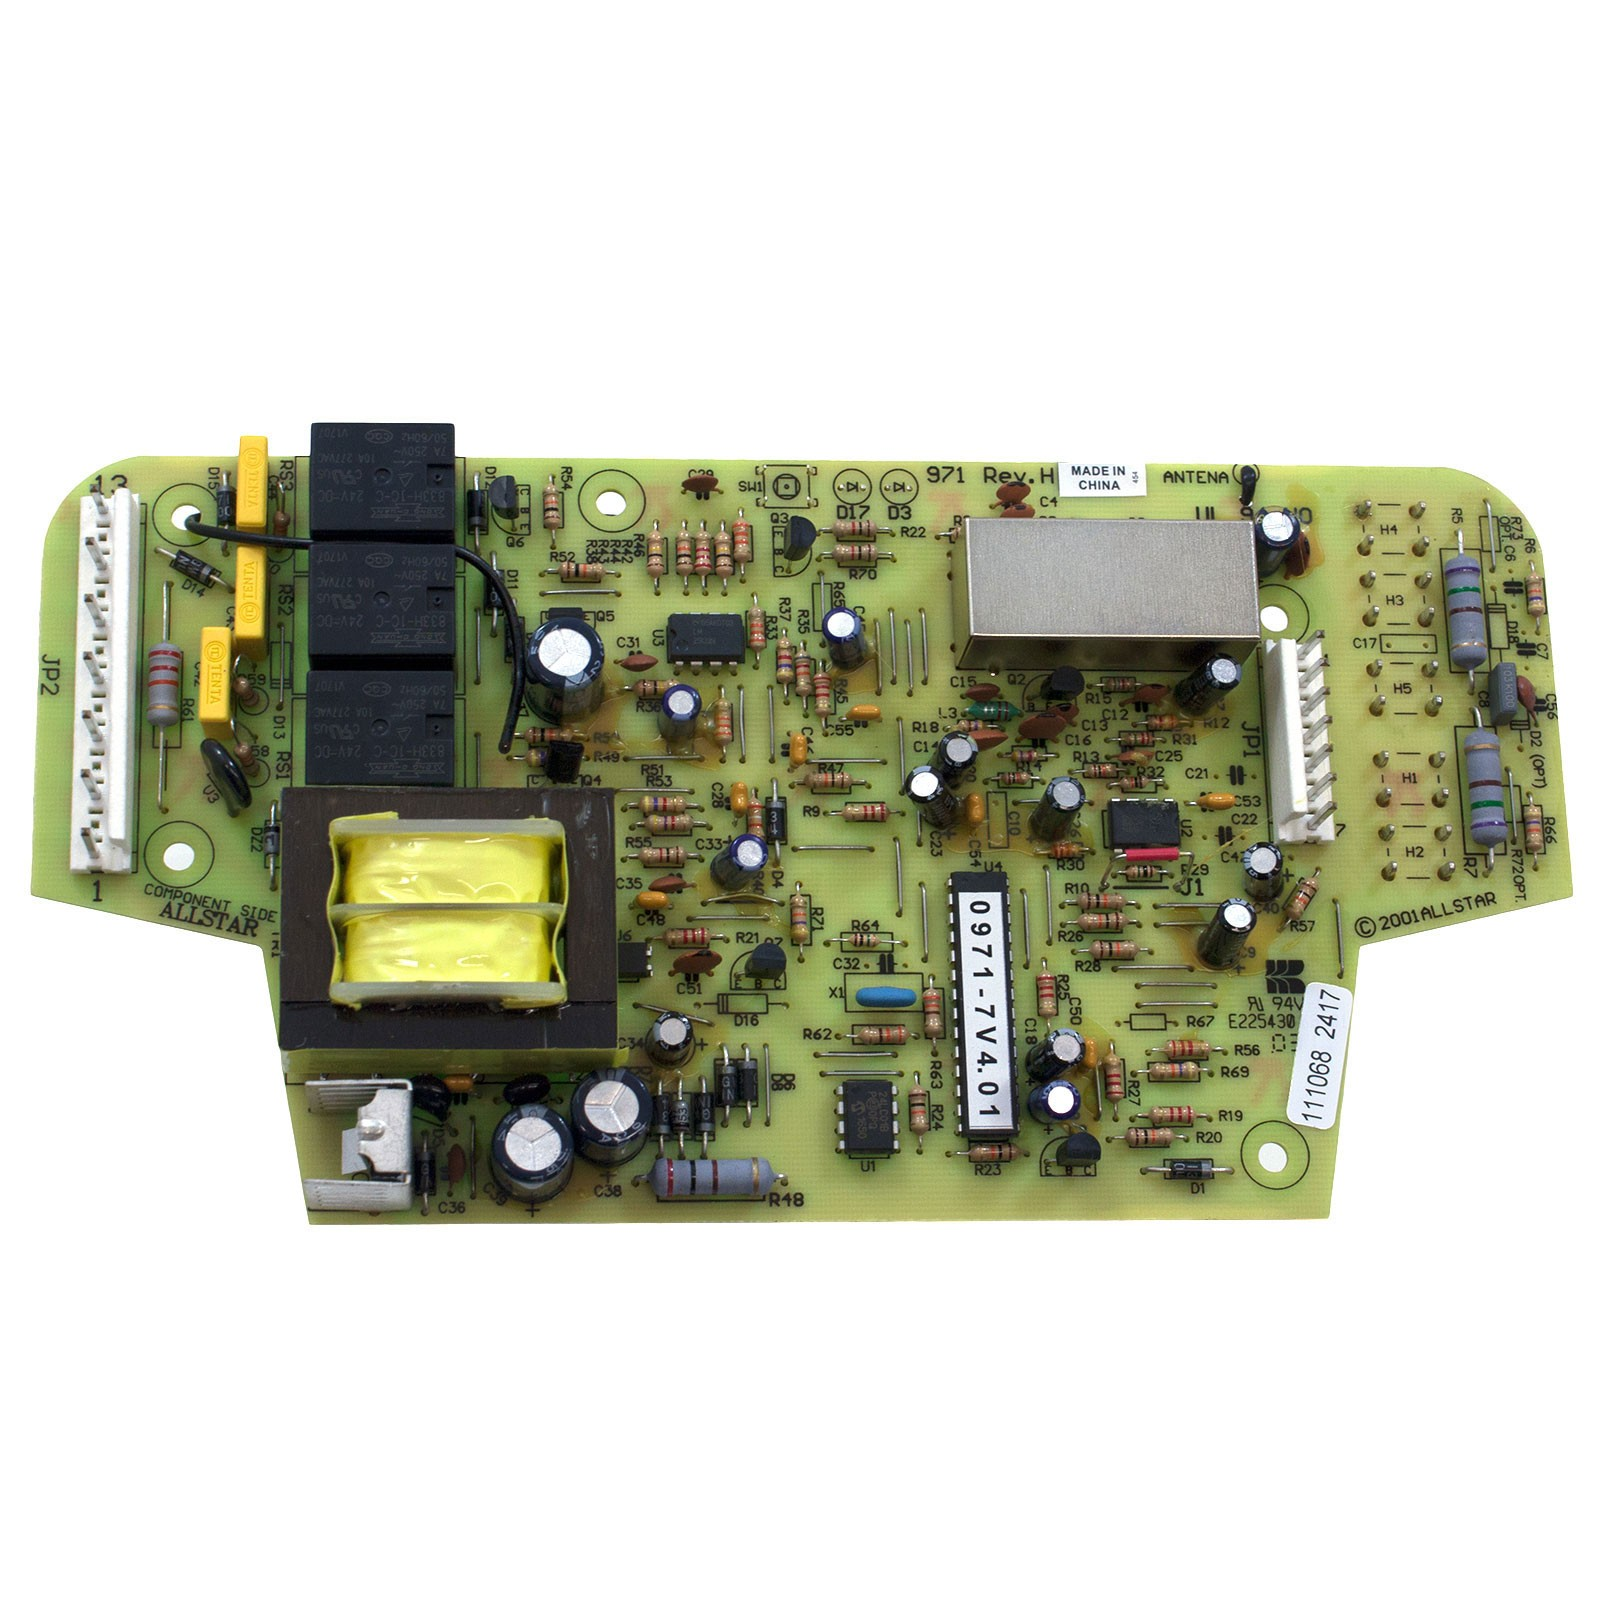 Linear Garage Door Opener Circuit Board Manual Guide Wiring Diagram Motor Control 9300m 9500m 190 Rh Lineargateopeners Com Chamberlain Openers